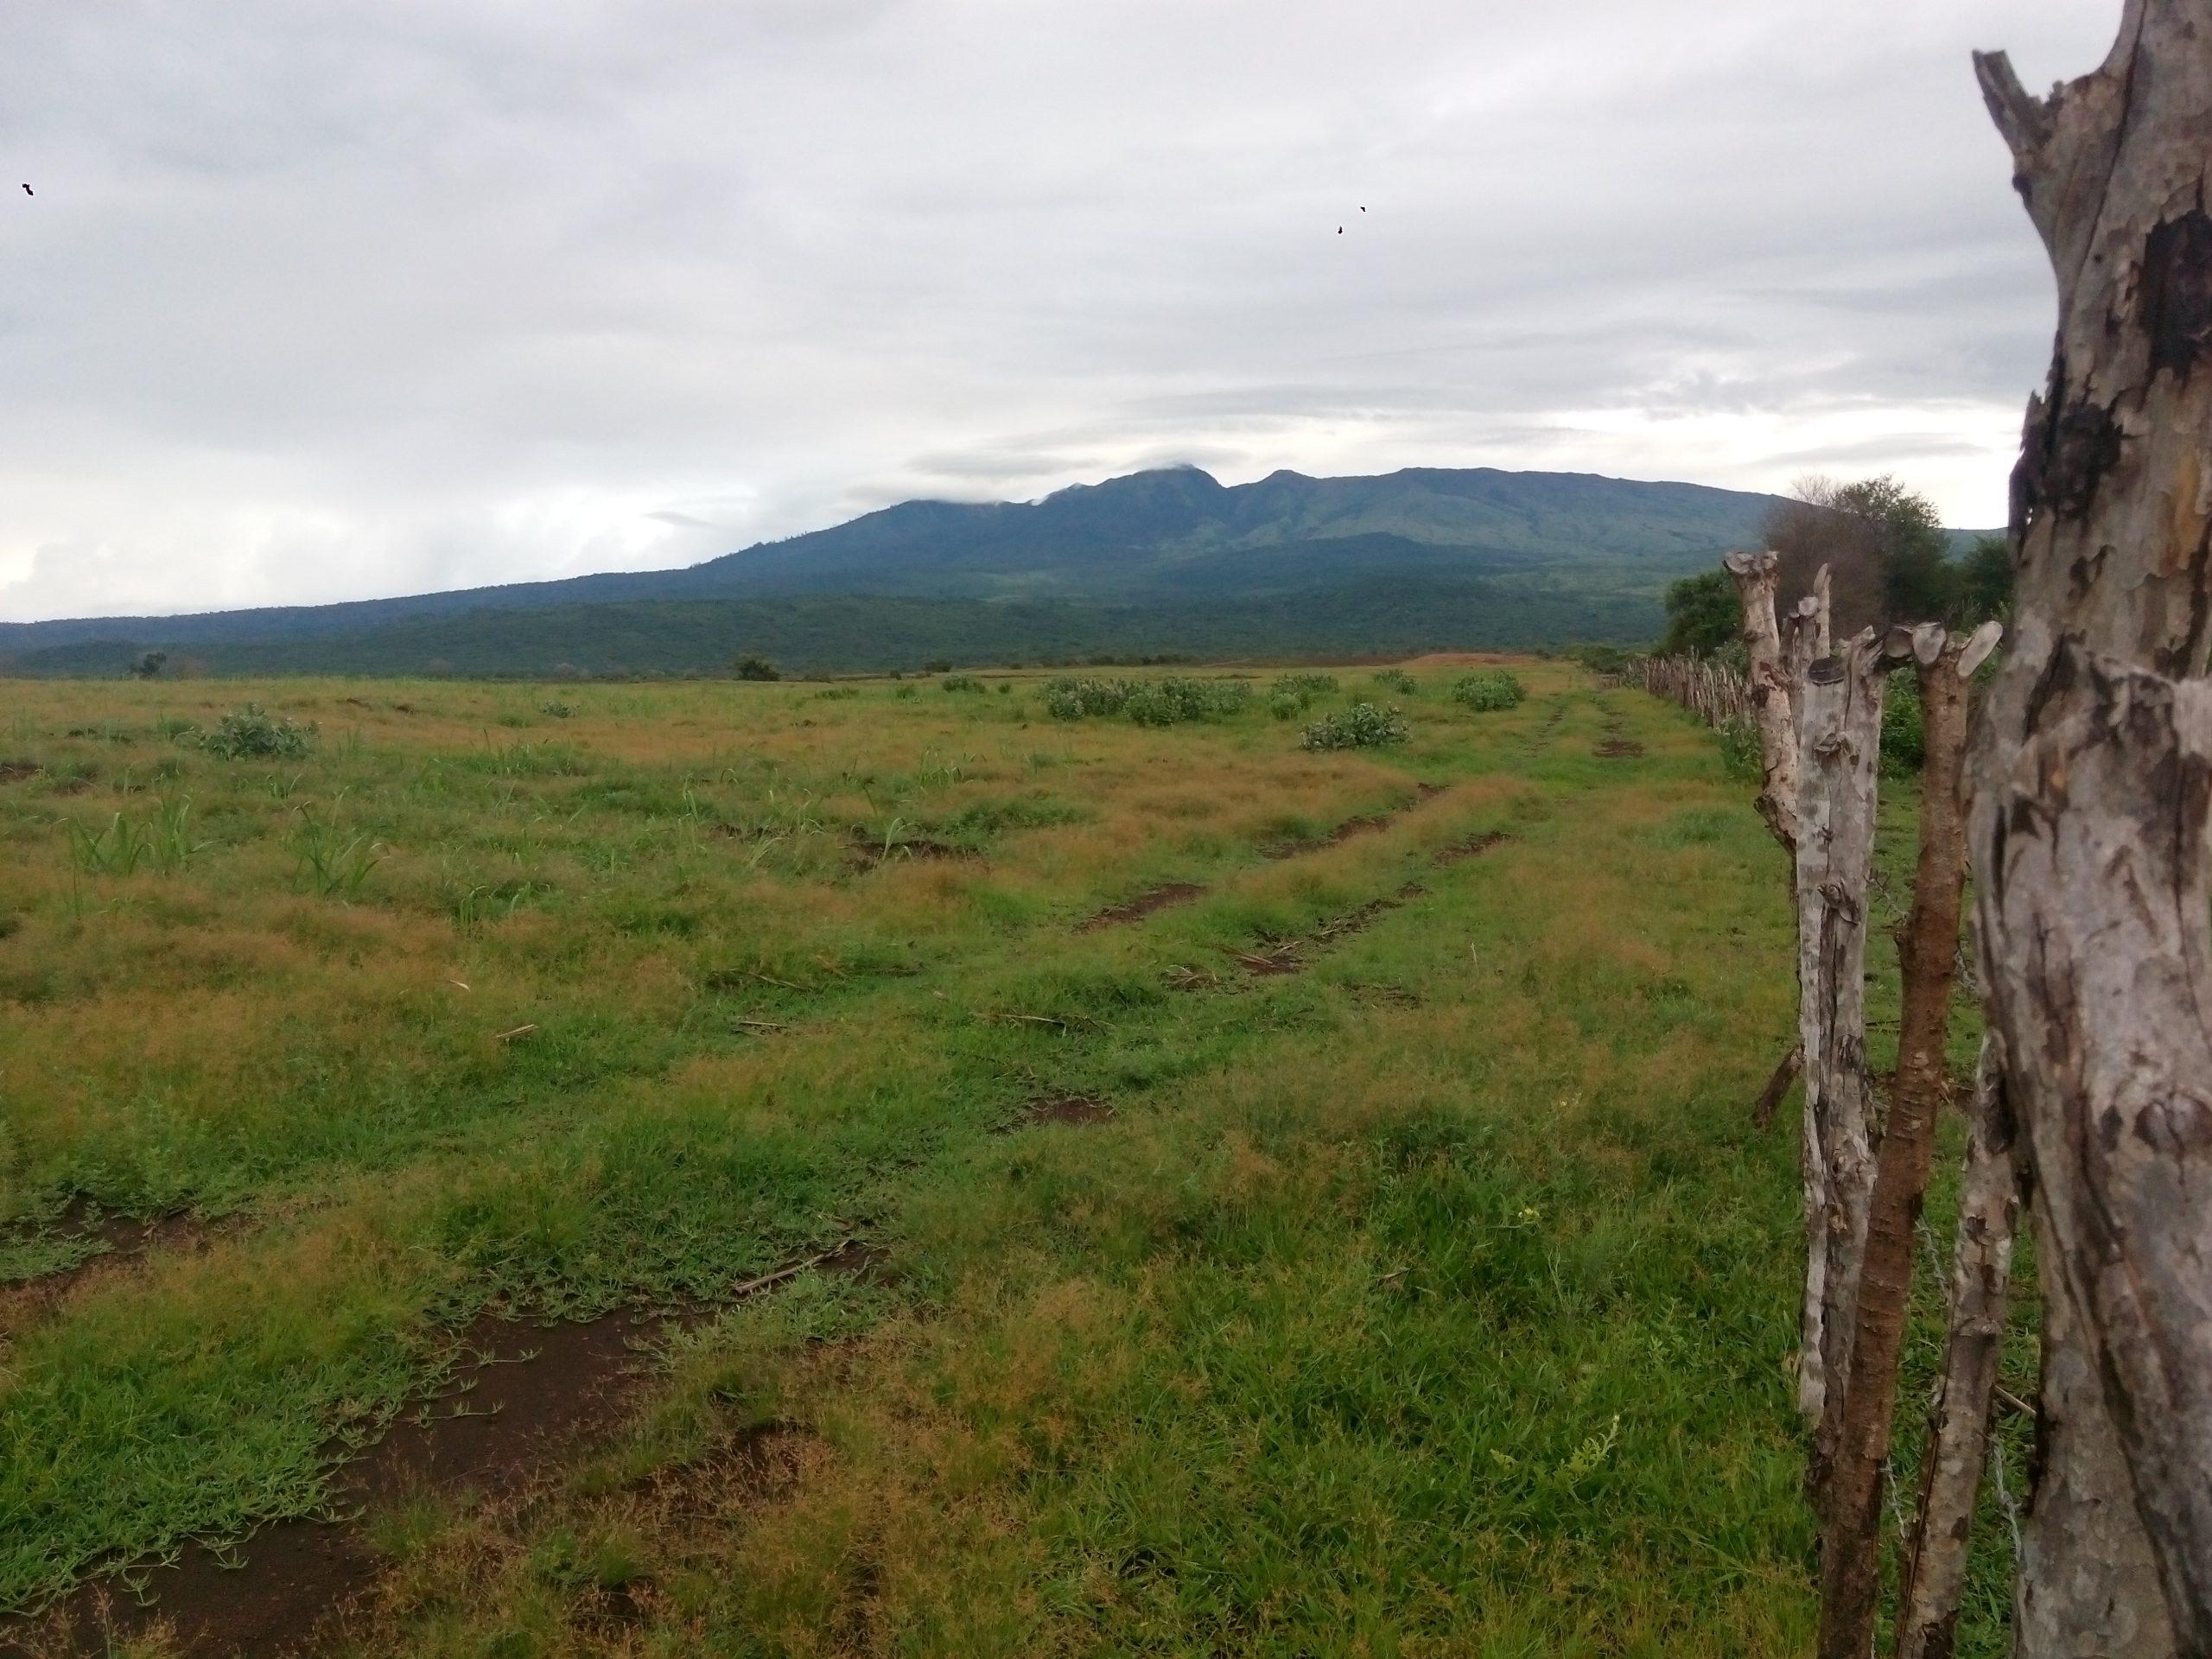 Gambar 1 Pintu Masuk Taman Nasional Gunung Tambora